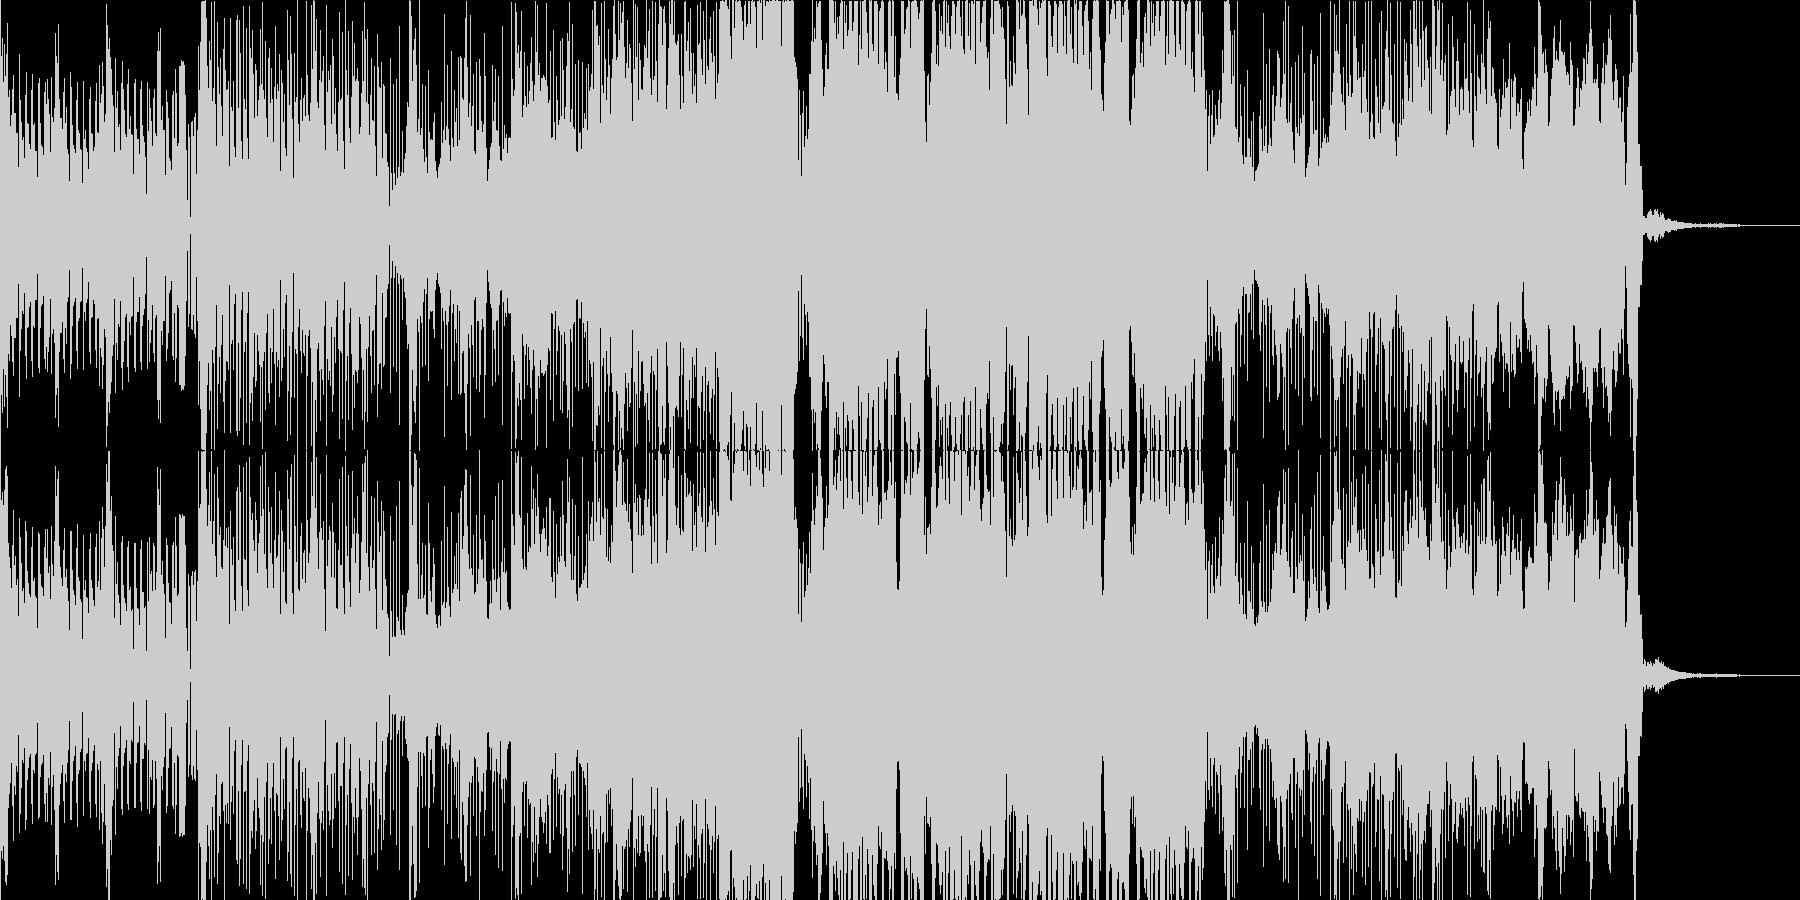 暗めなダンスミュージックの未再生の波形